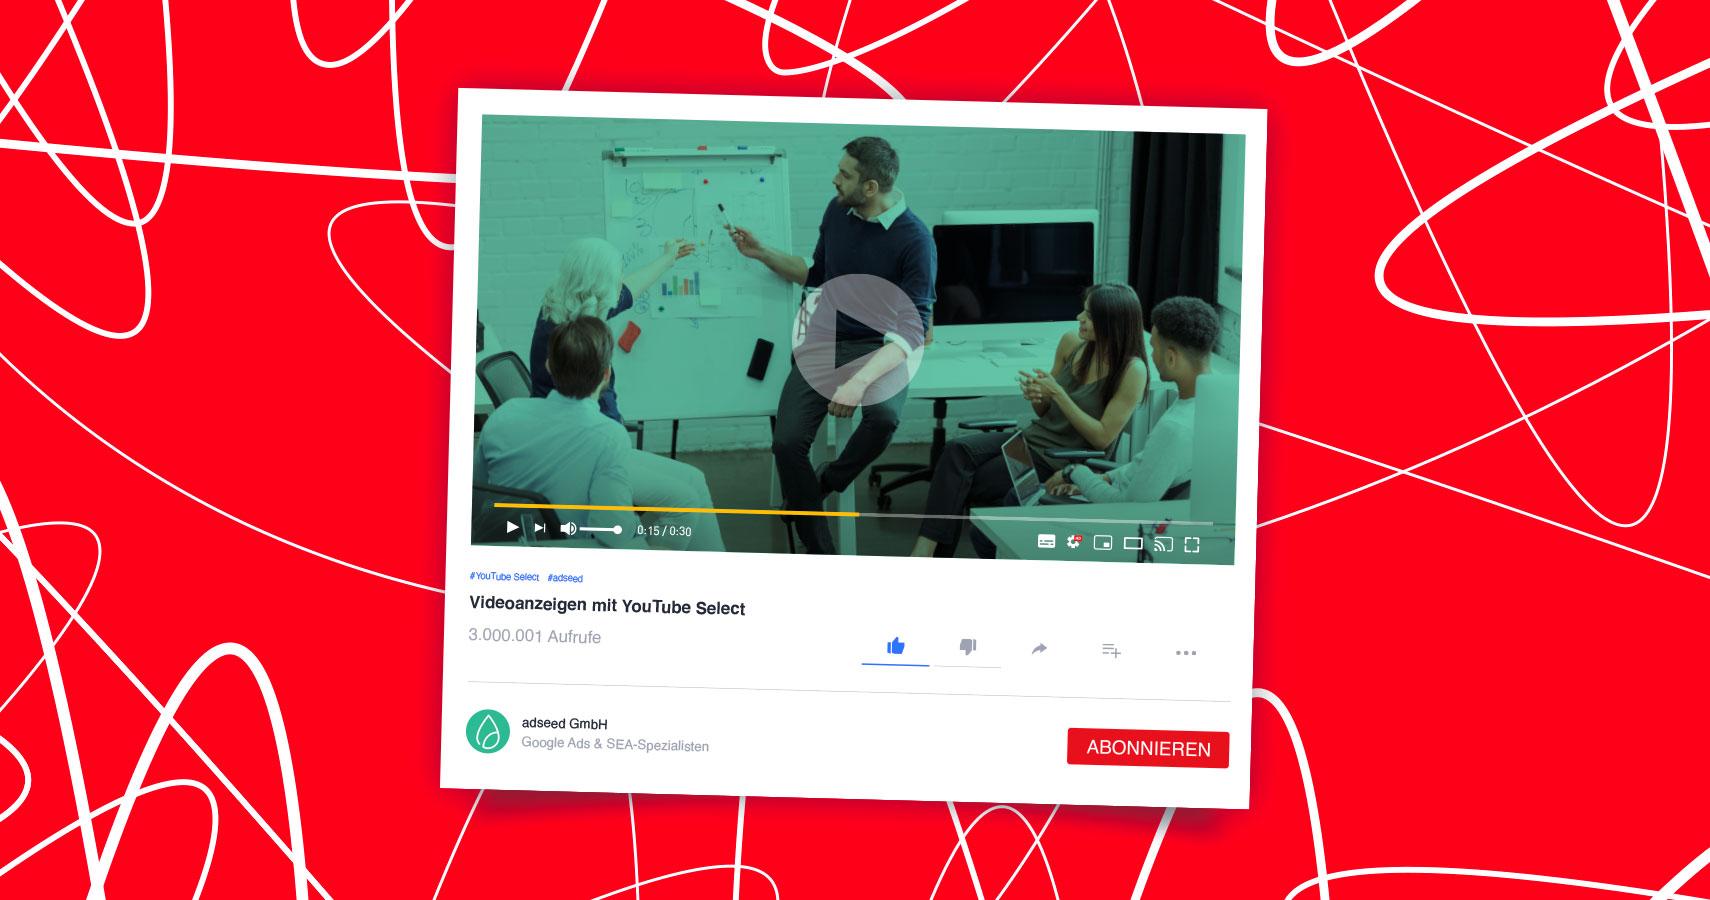 adseed - YouTube Select